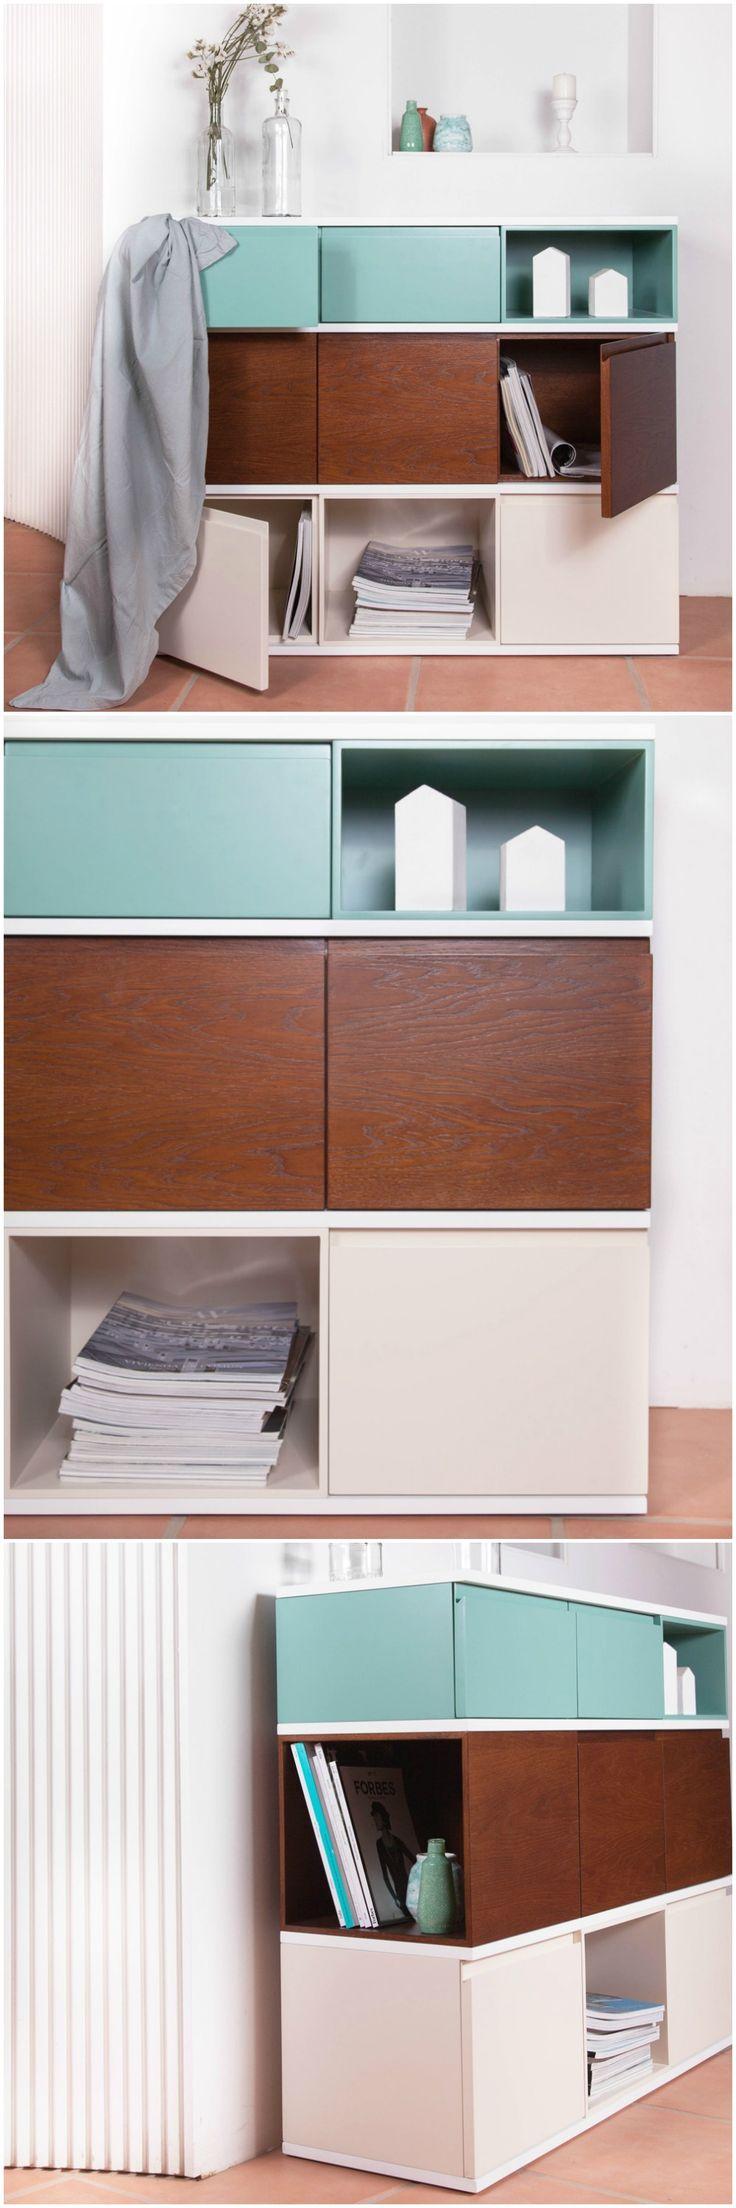 muebles nordicos ile ilgili pinterest'teki en iyi 25'den fazla ... - Muebles Diseno Nordico